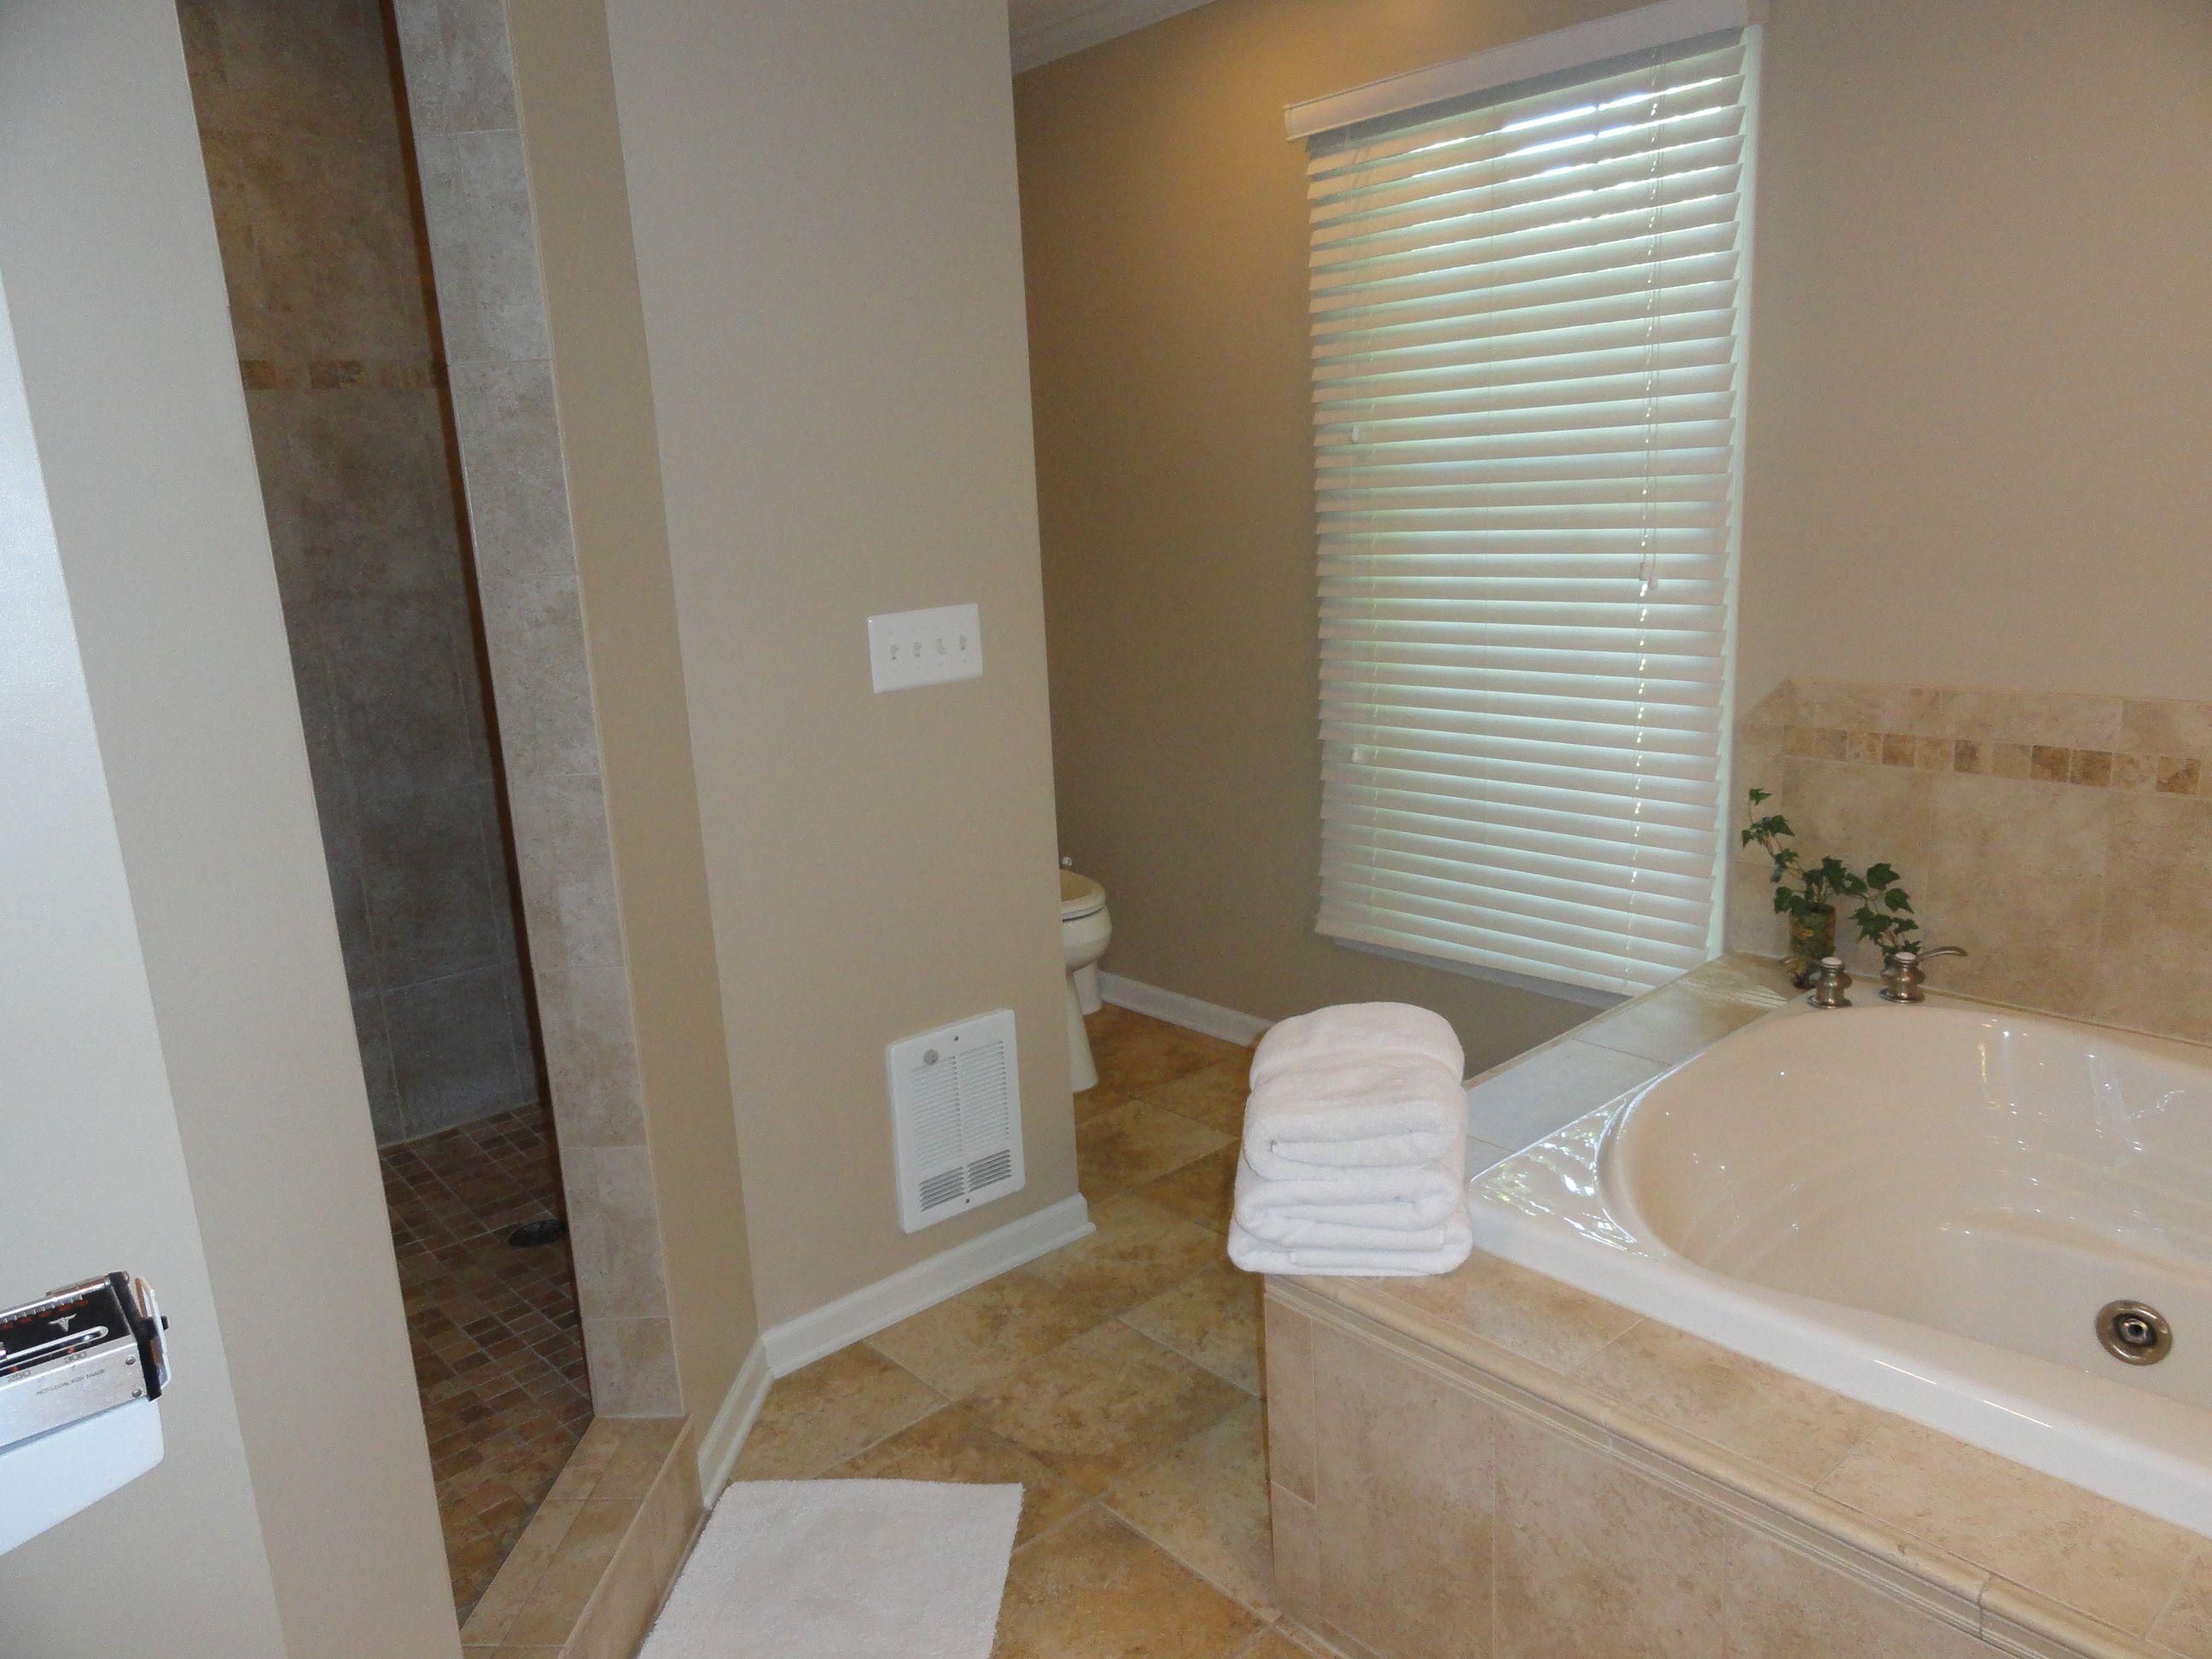 Walk in shower no door love it home improvement bathing space pinterest - Walk in shower no door ...